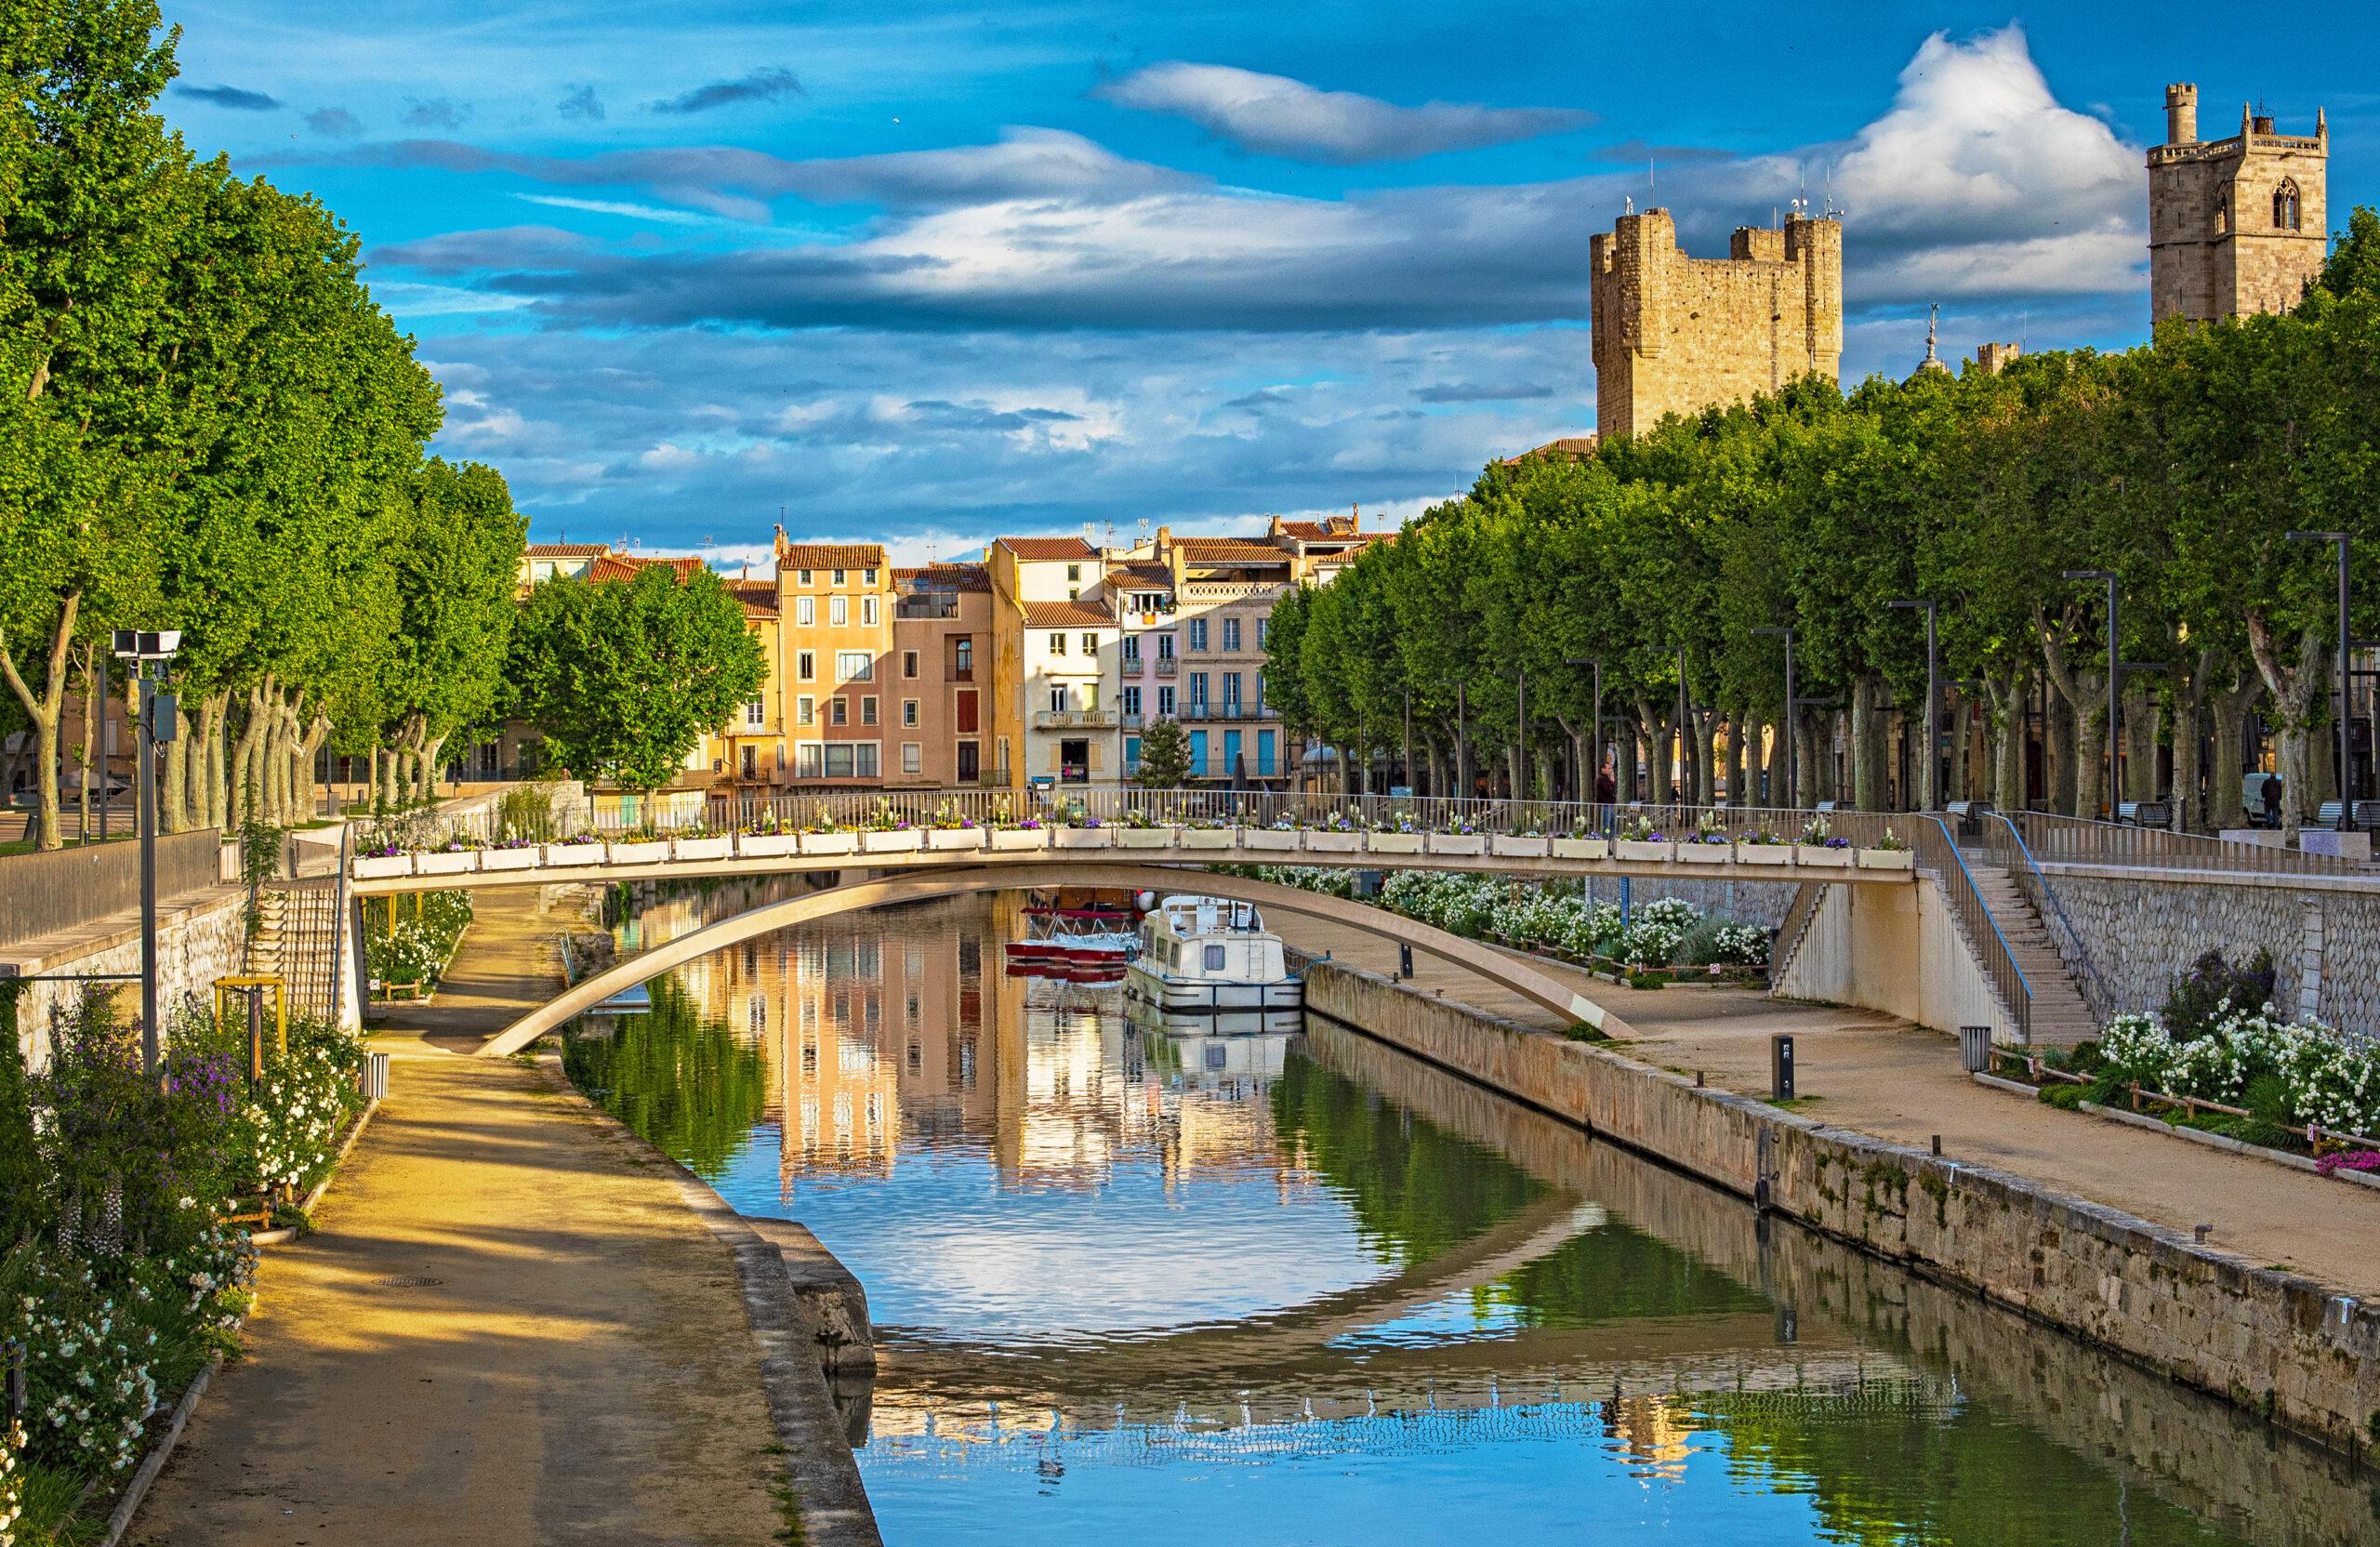 Image de la ville de Narbonne